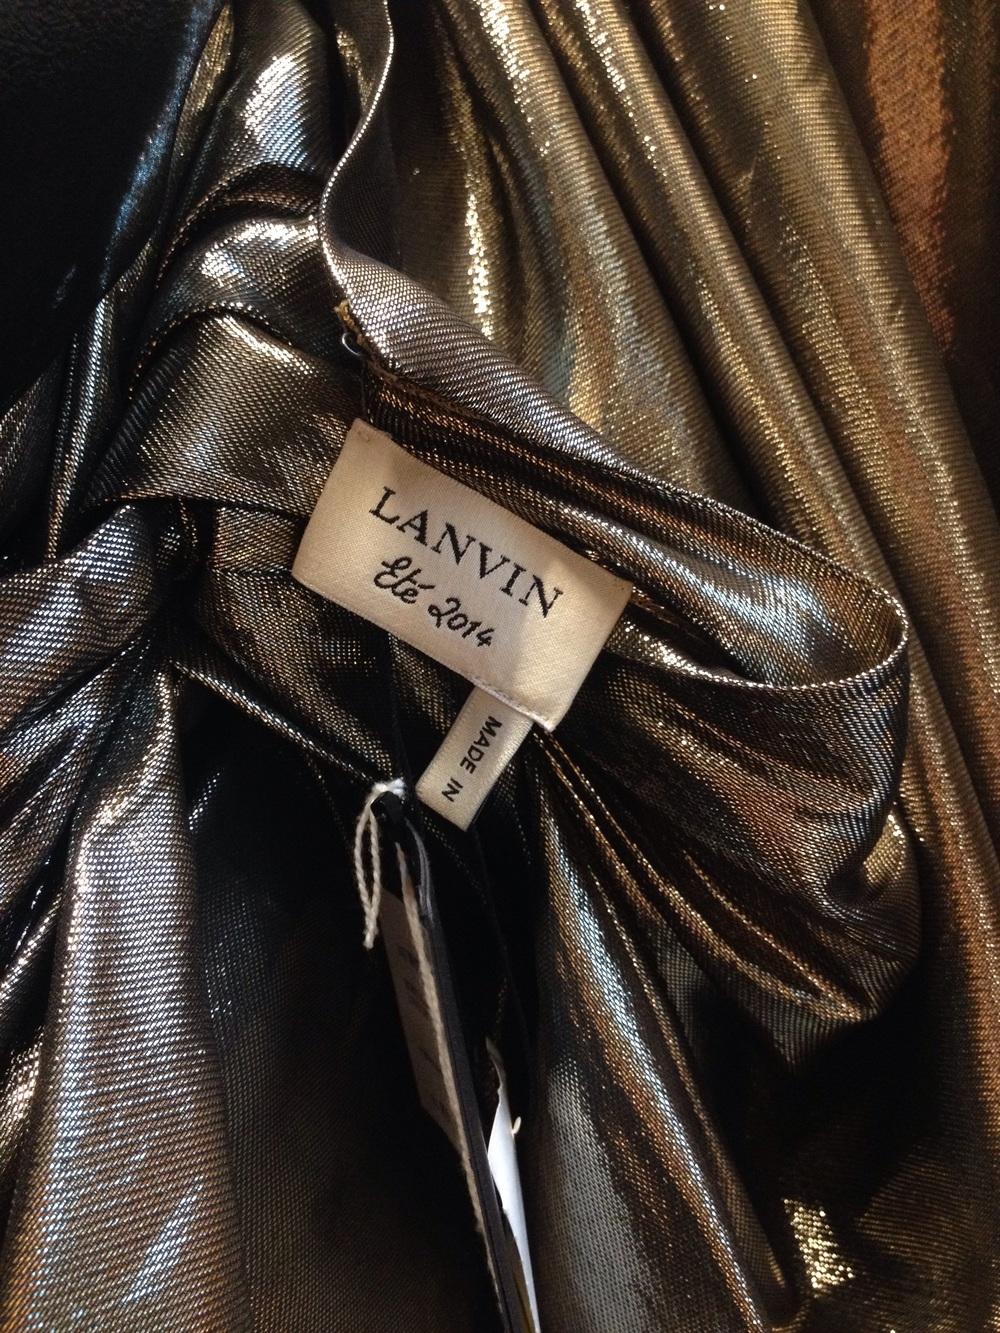 Lanvin dress at D Magazine, Milan.